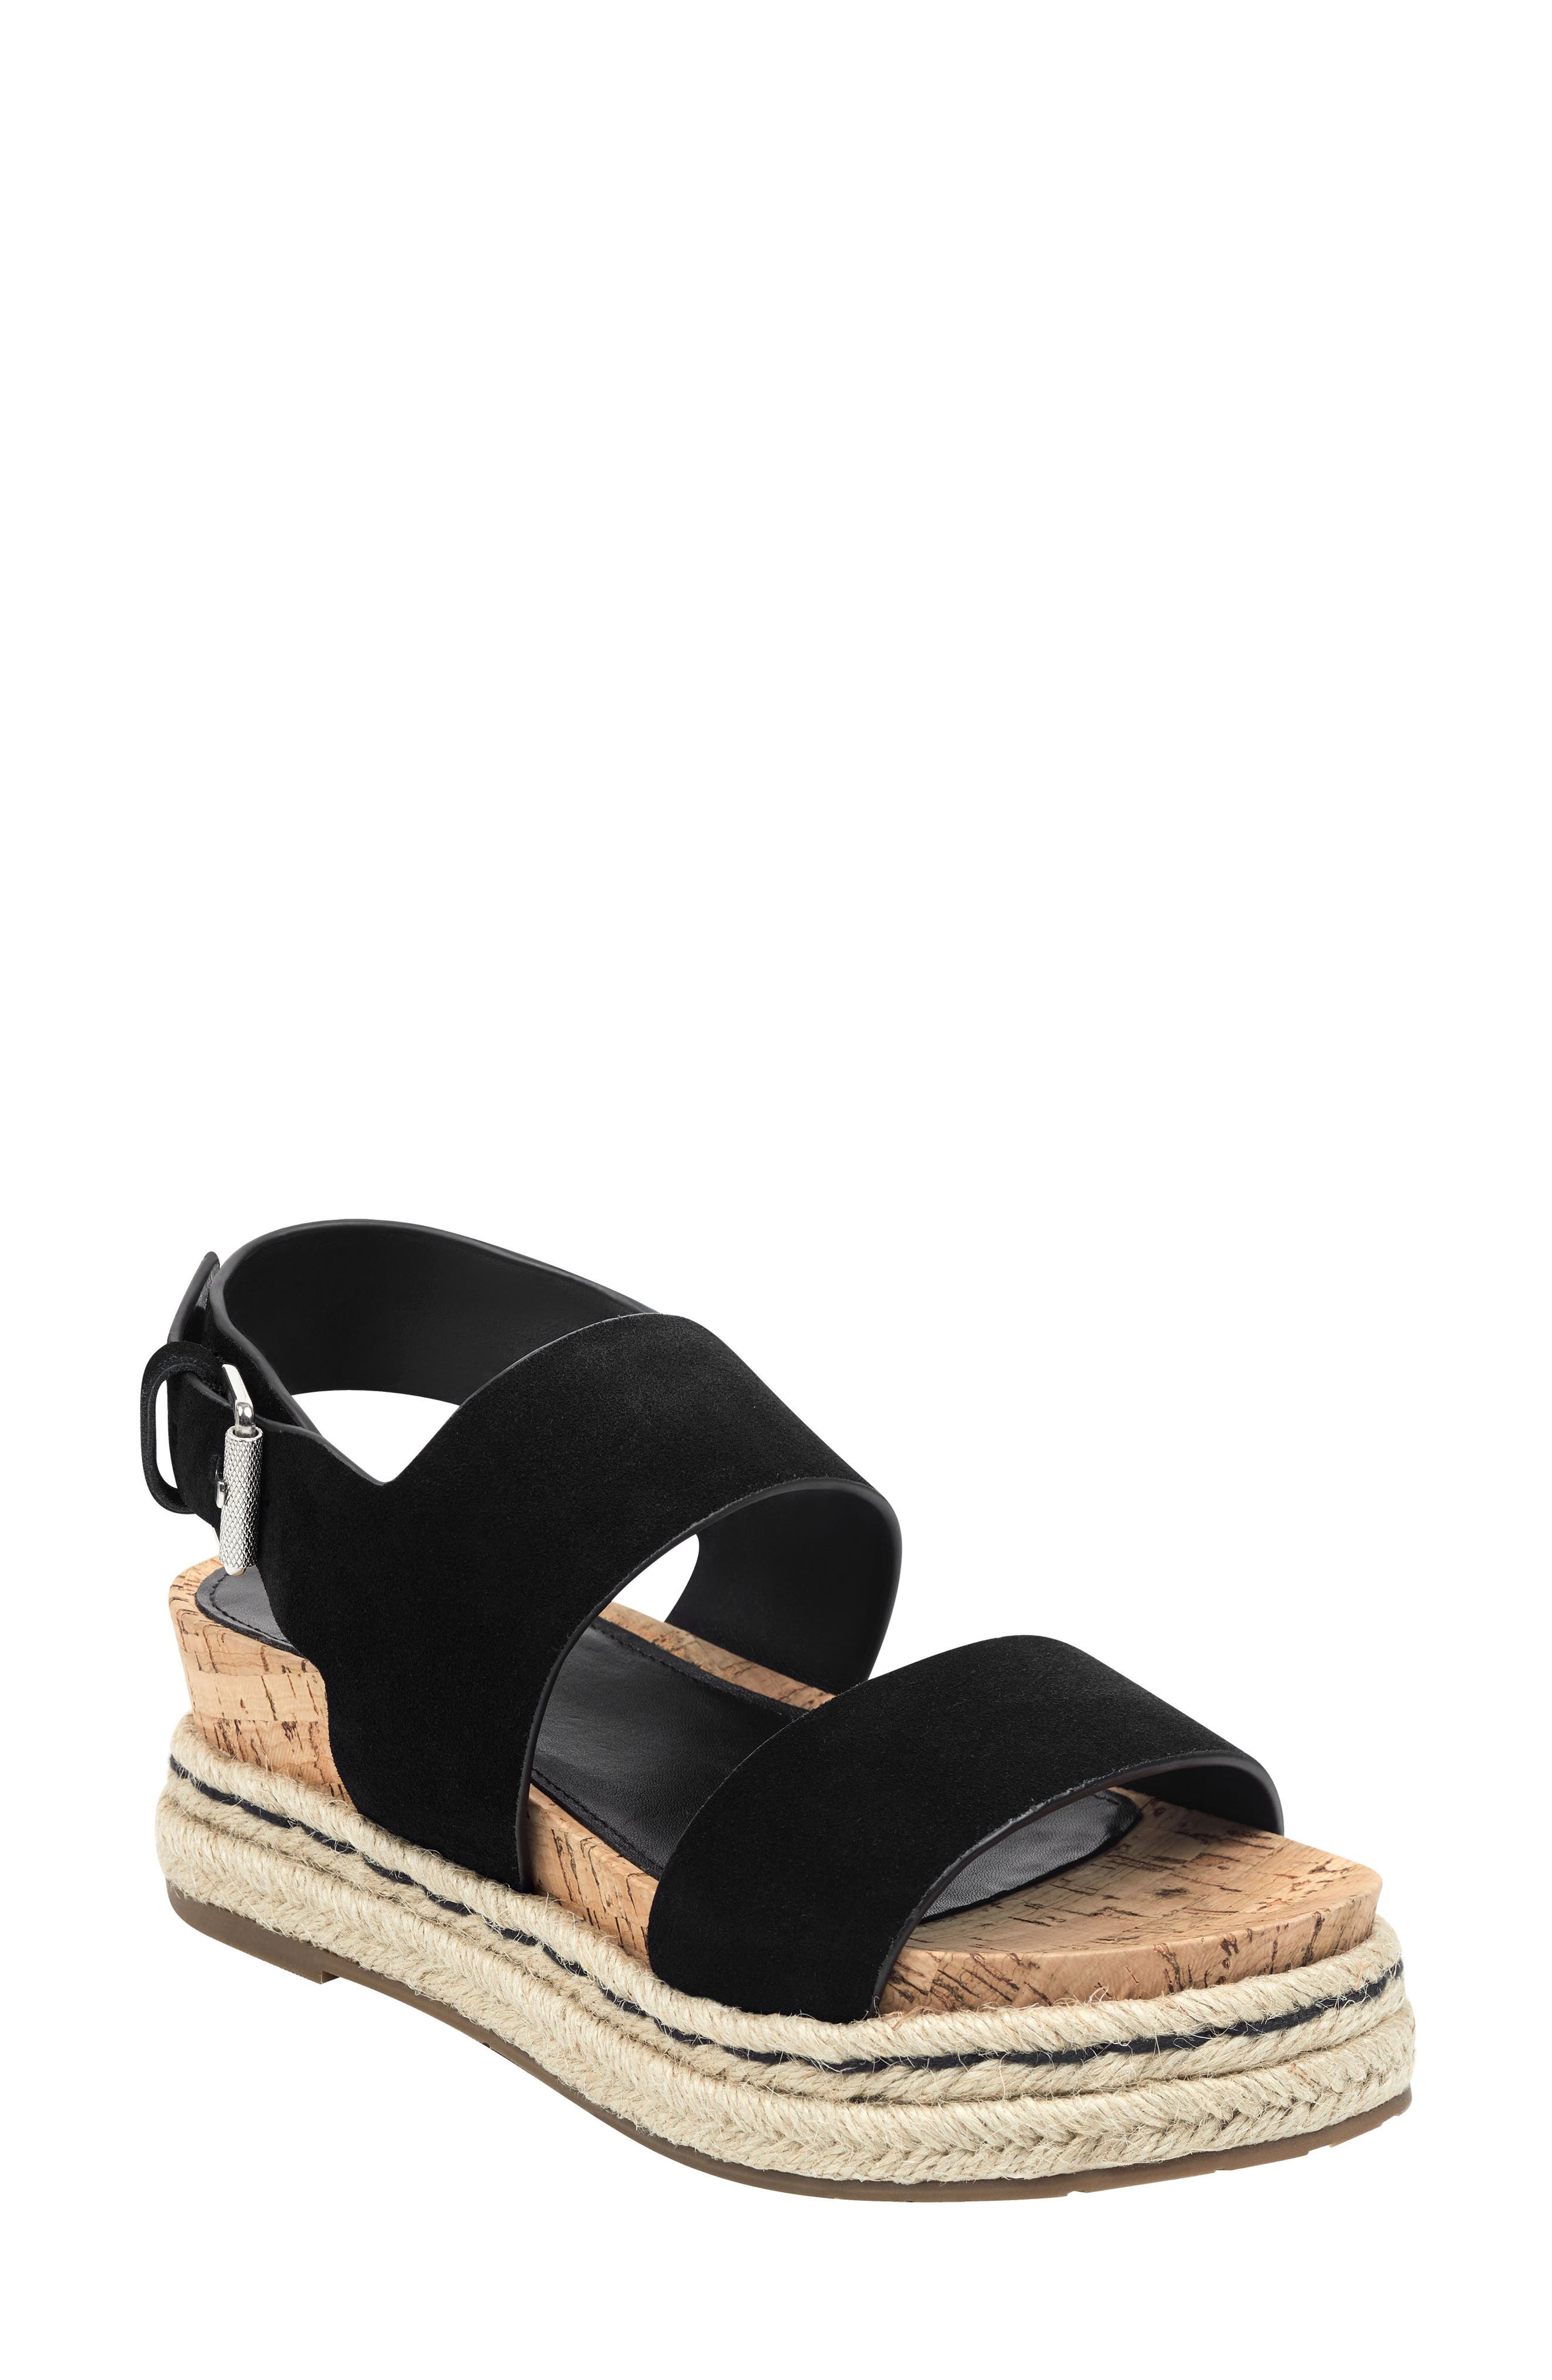 MARC FISHER LTD, Oria Espadrille Platform Sandal, Main thumbnail 1, color, BLACK SUEDE